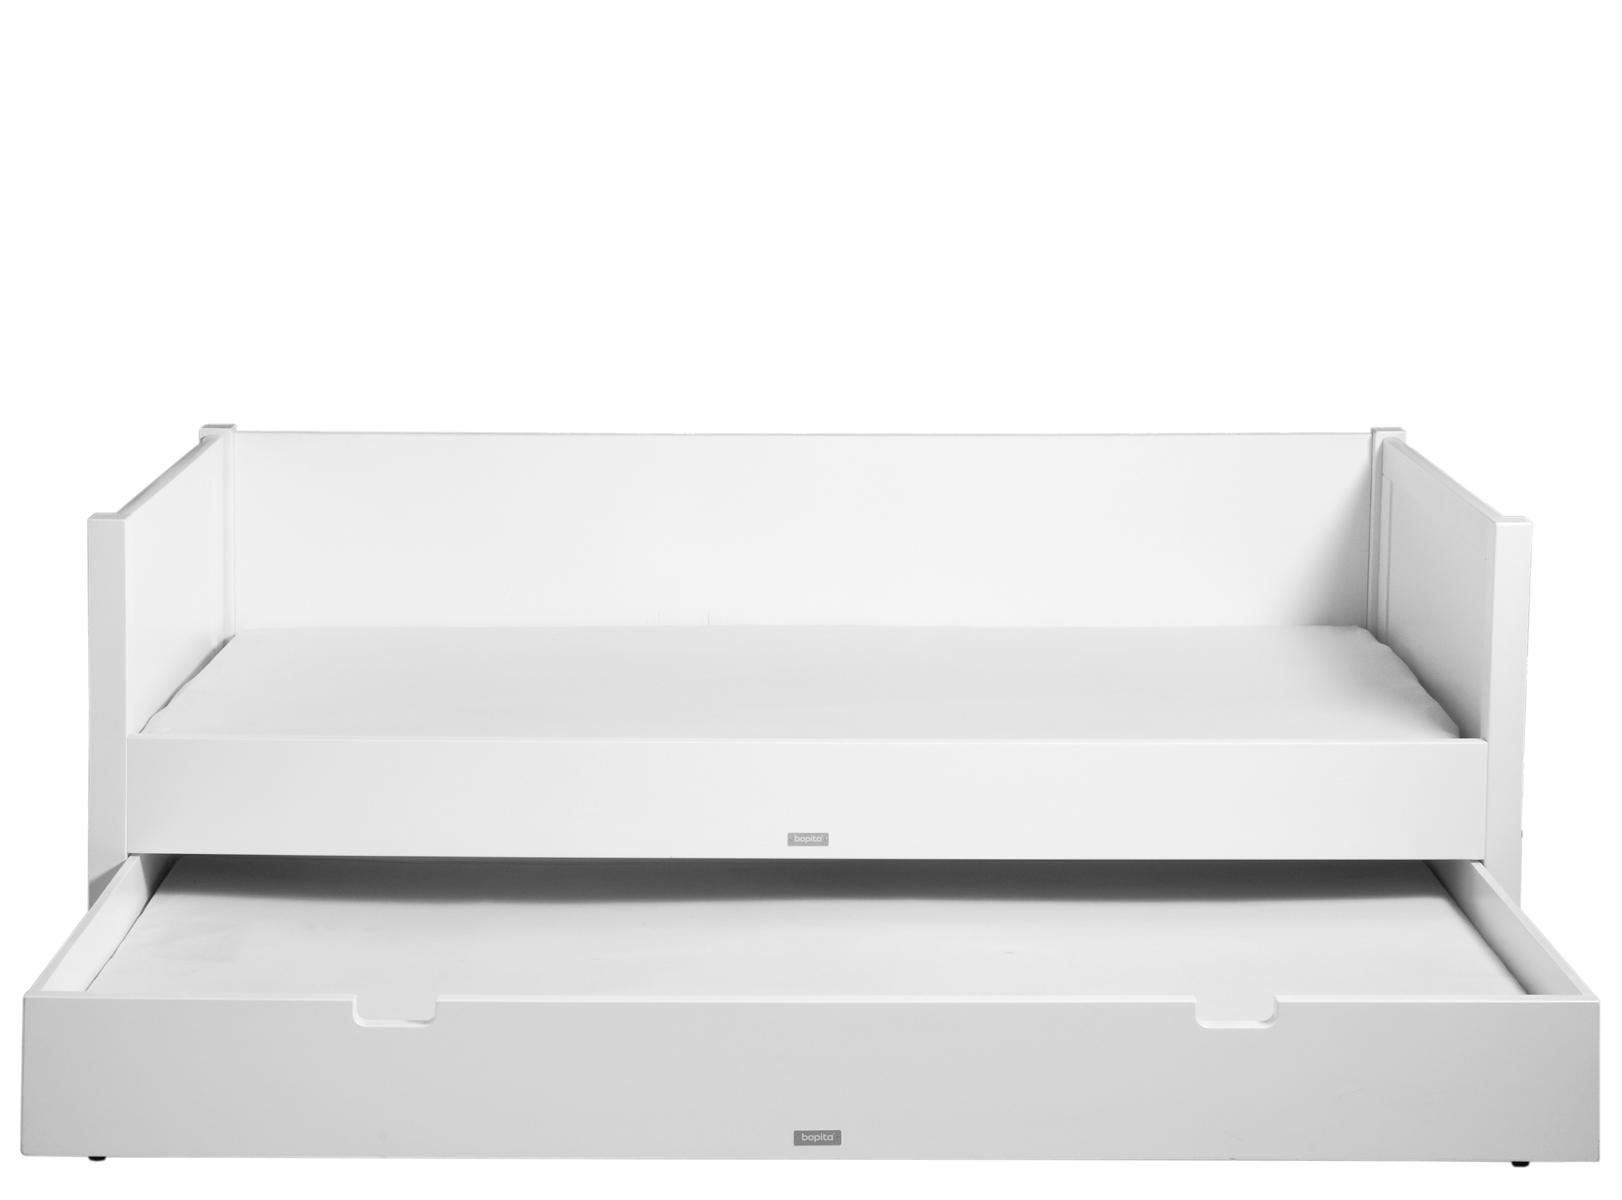 Bopita Nordic Etagenbett : Etagenbett nordic cm gerade leiter in weiß von bopita